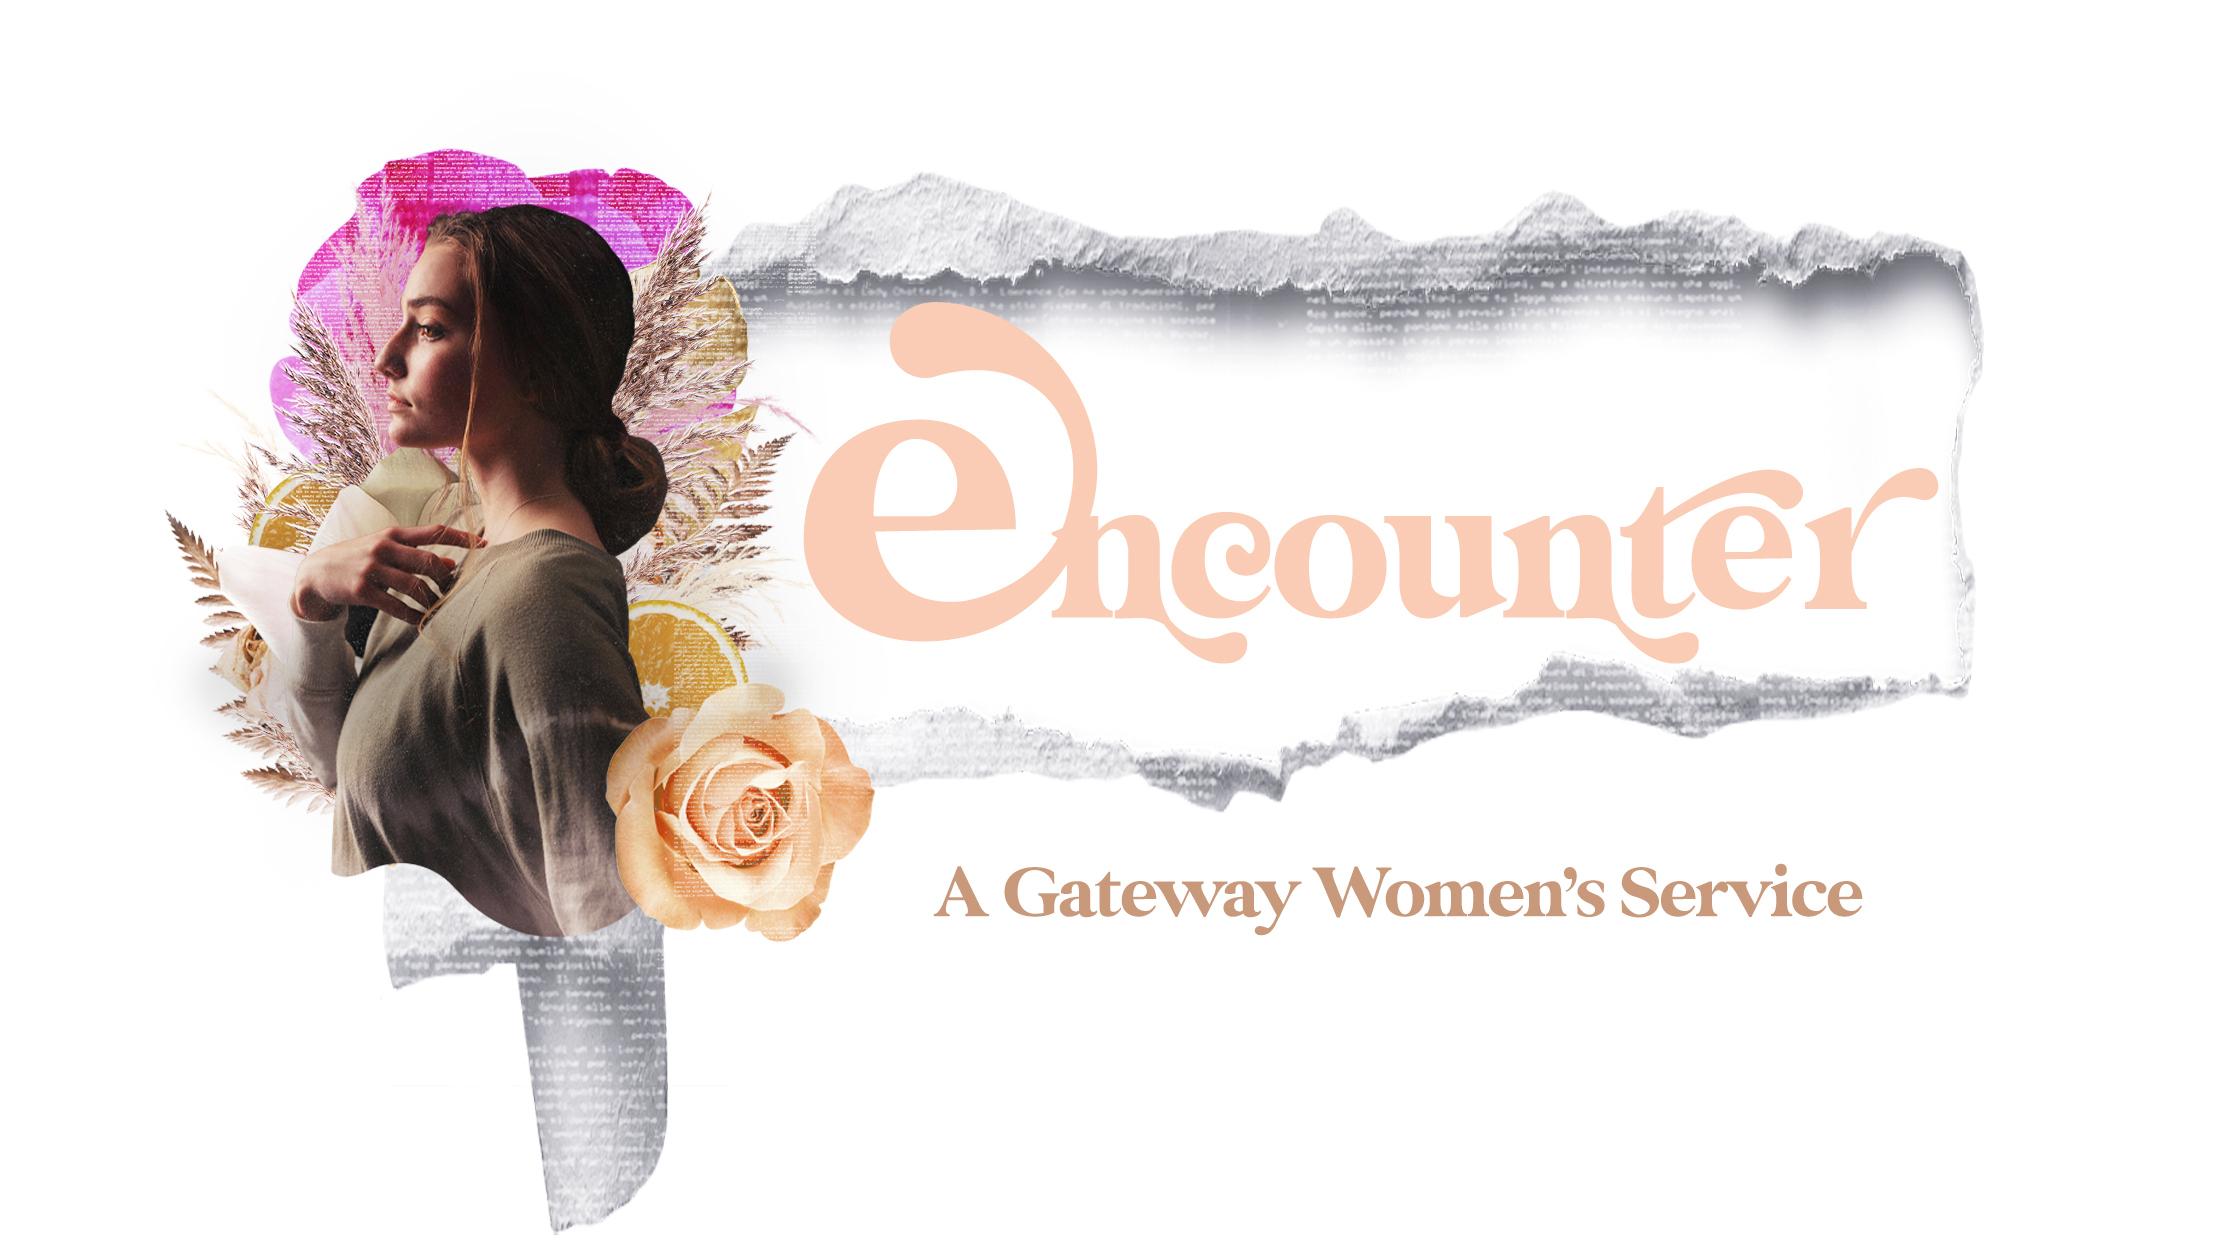 Encounter: A Gateway Women's Service